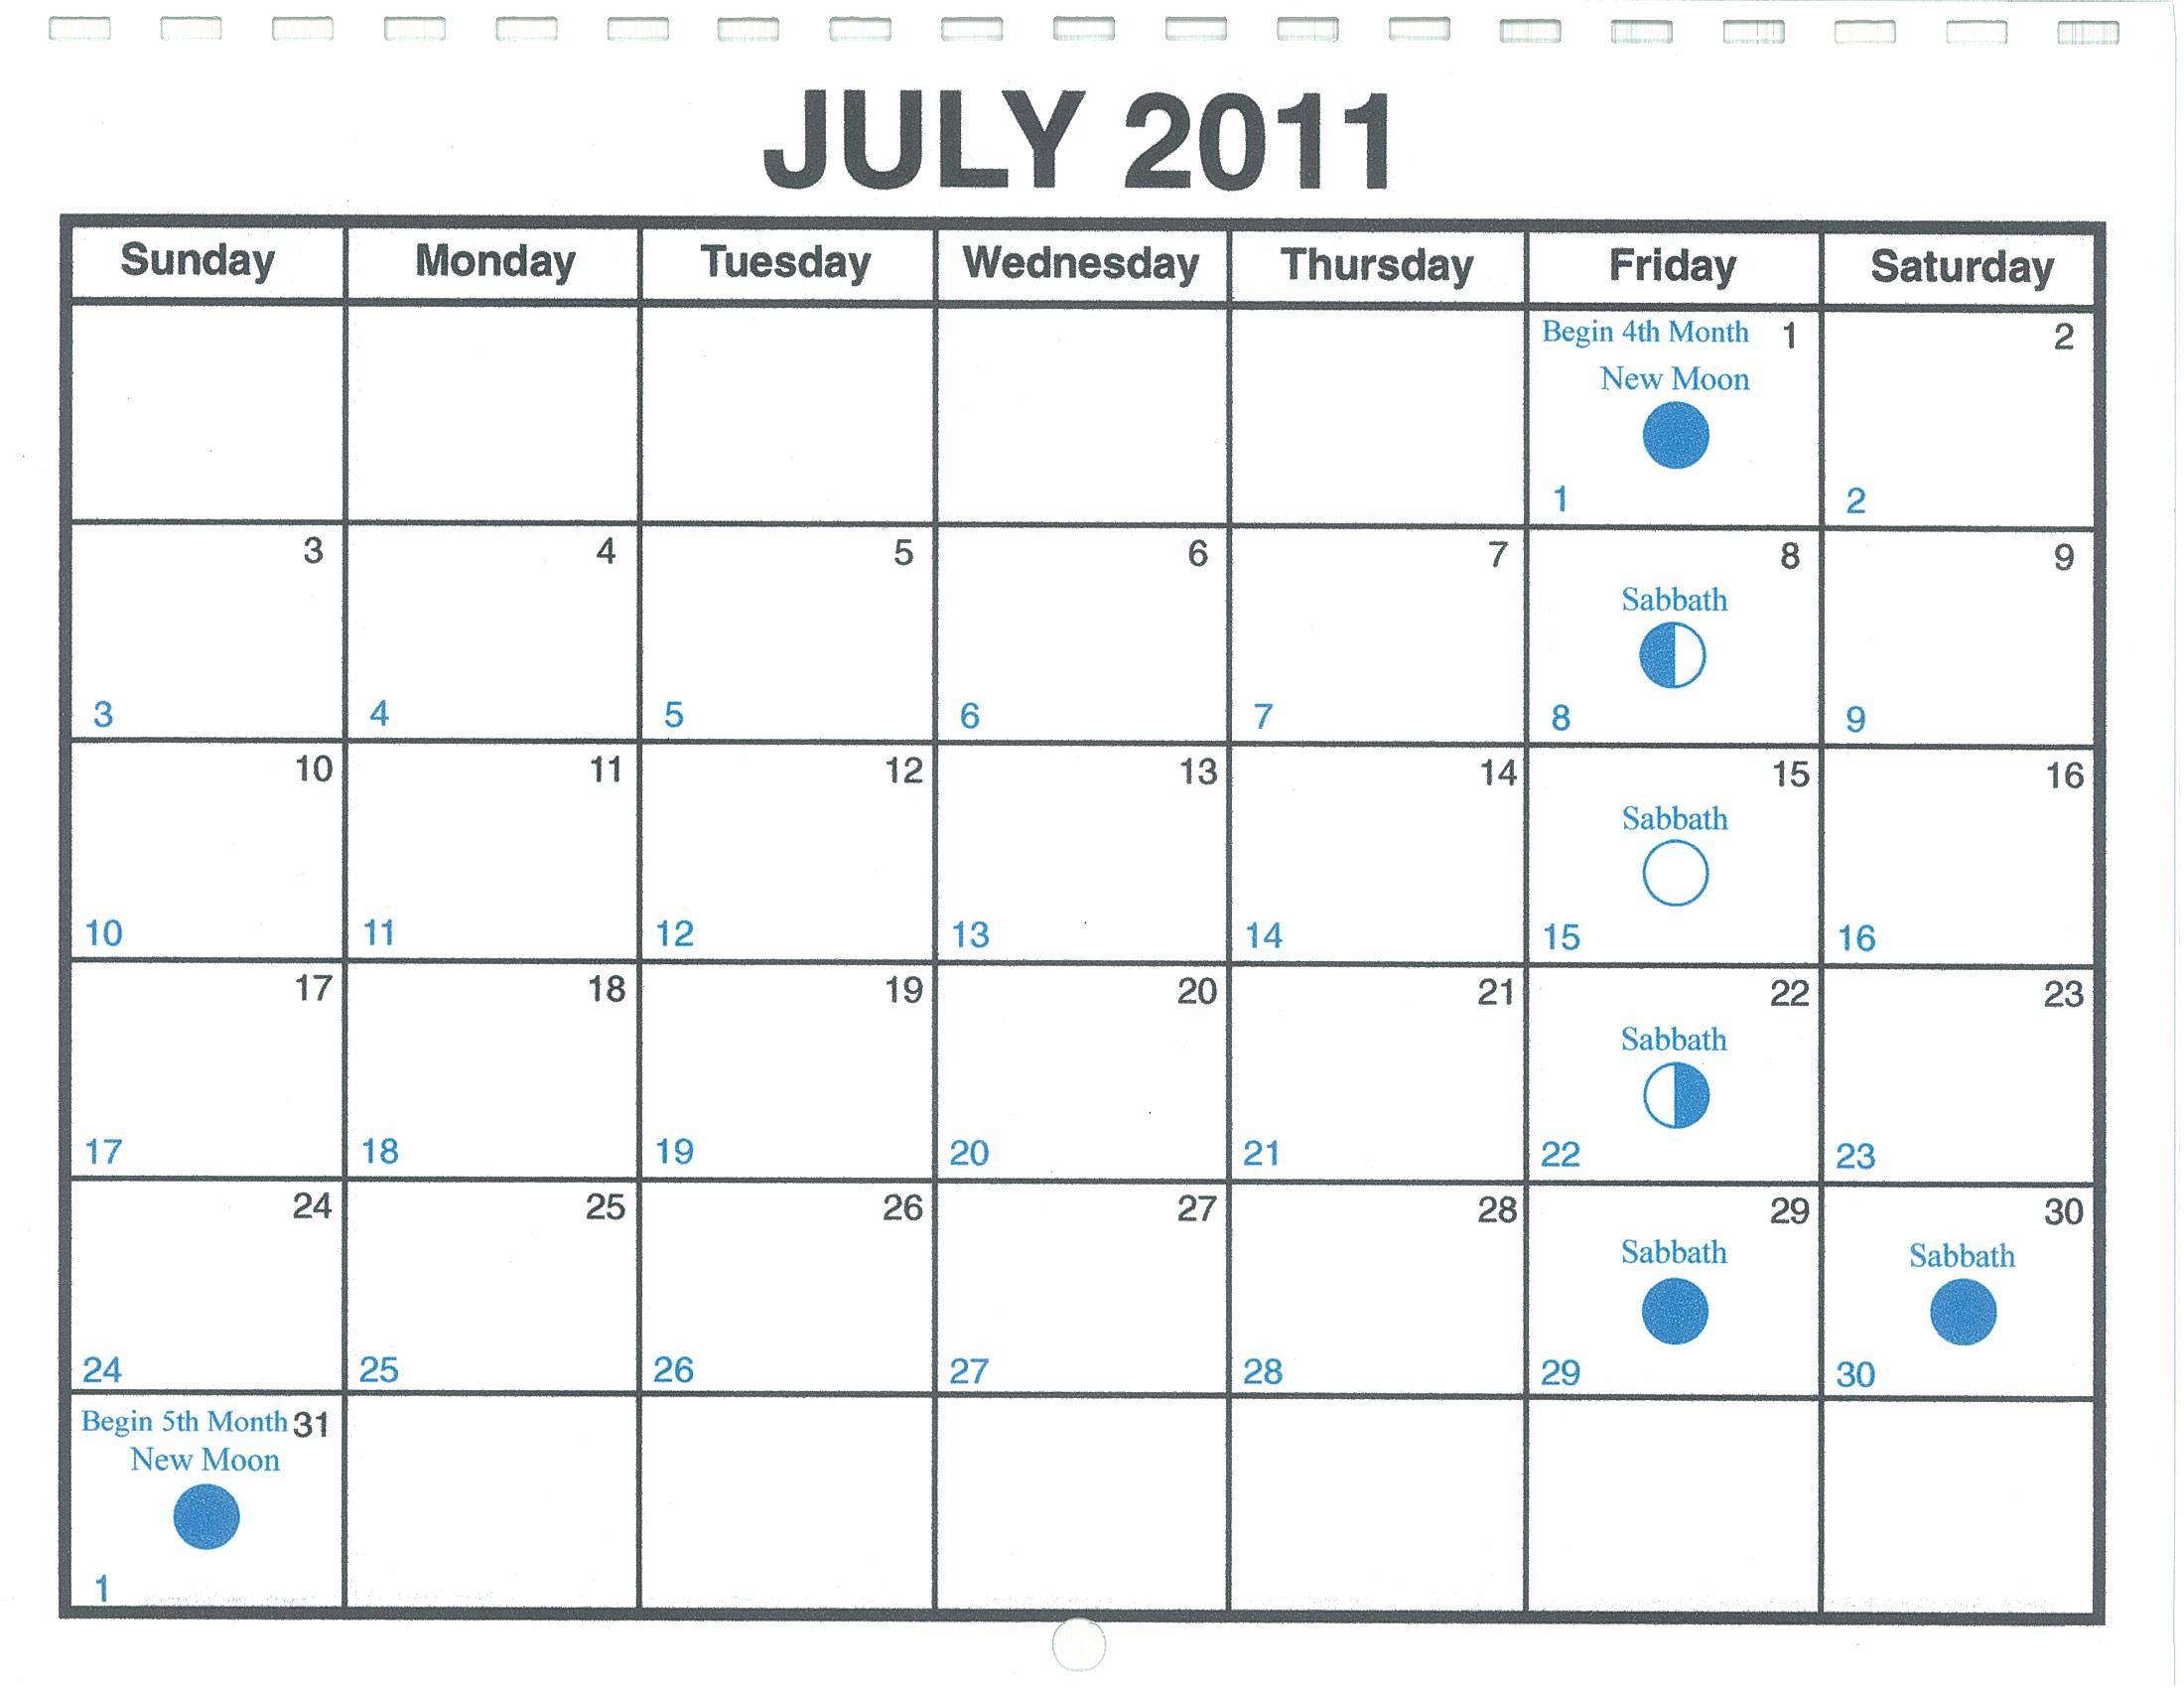 July 2011 Lunar Calendar One Yahweh